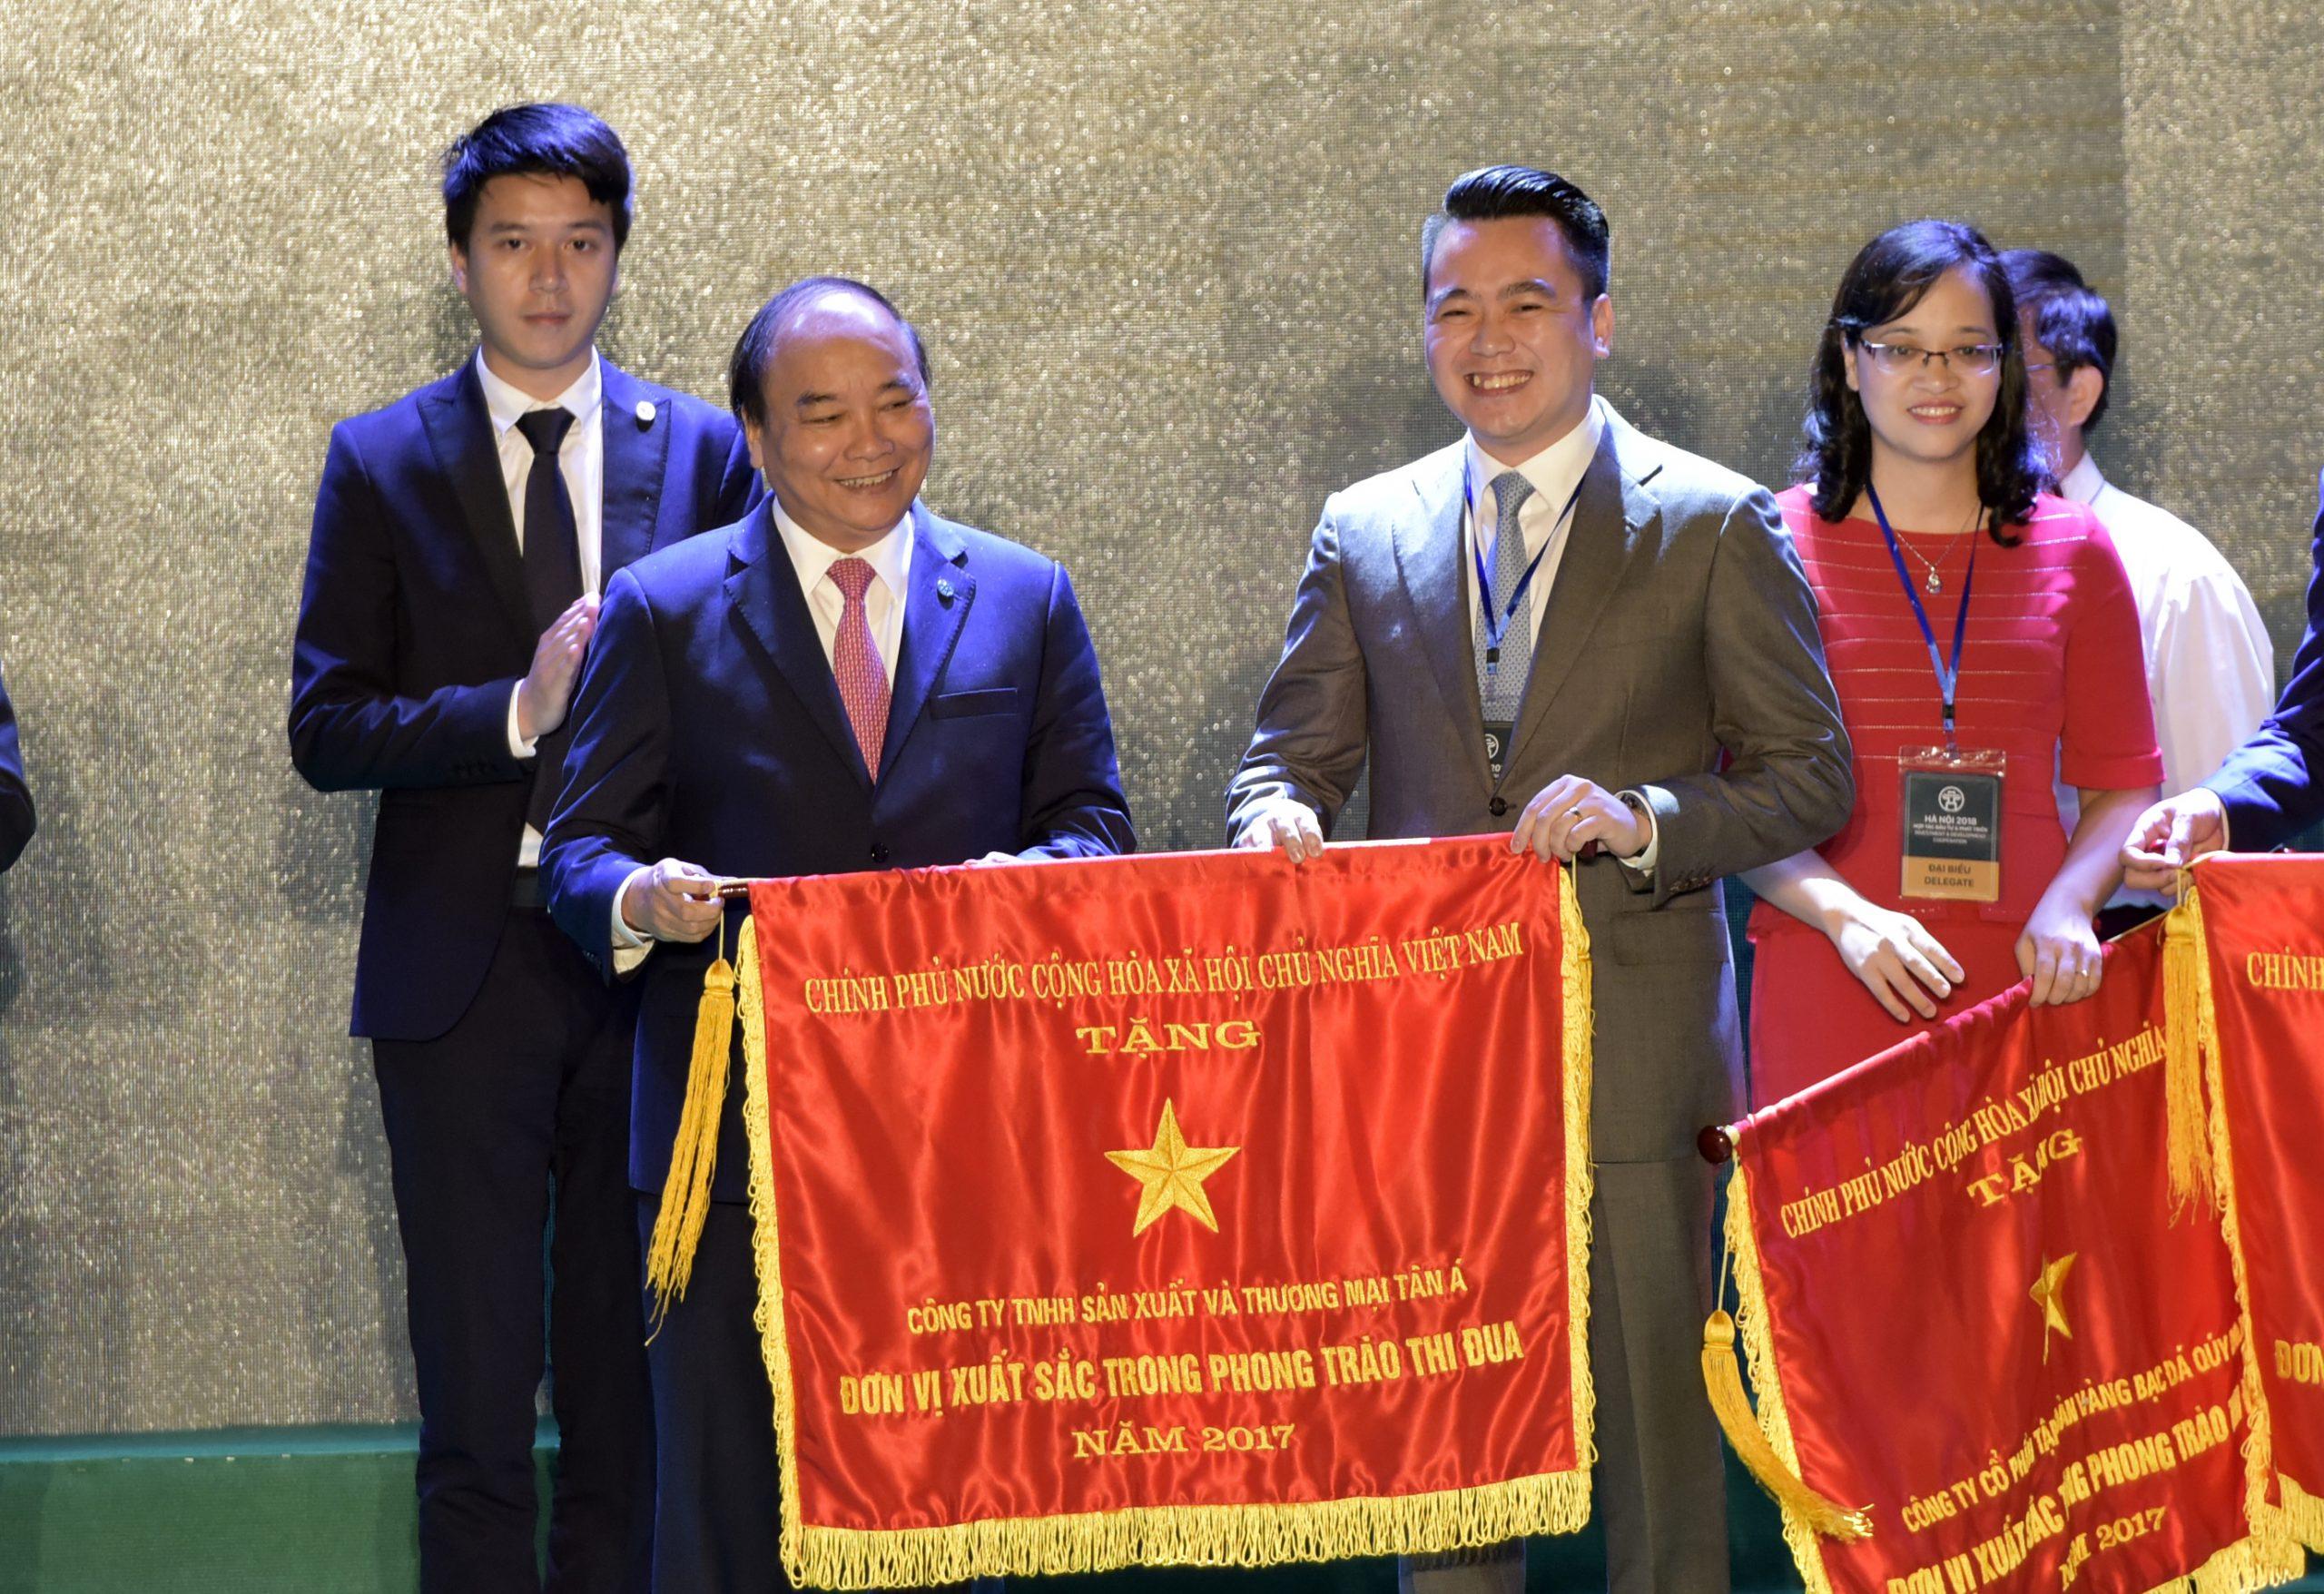 Tân Á Đại Thành vinh dự nhận cờ thi đua của Thủ tướng Chính phủ